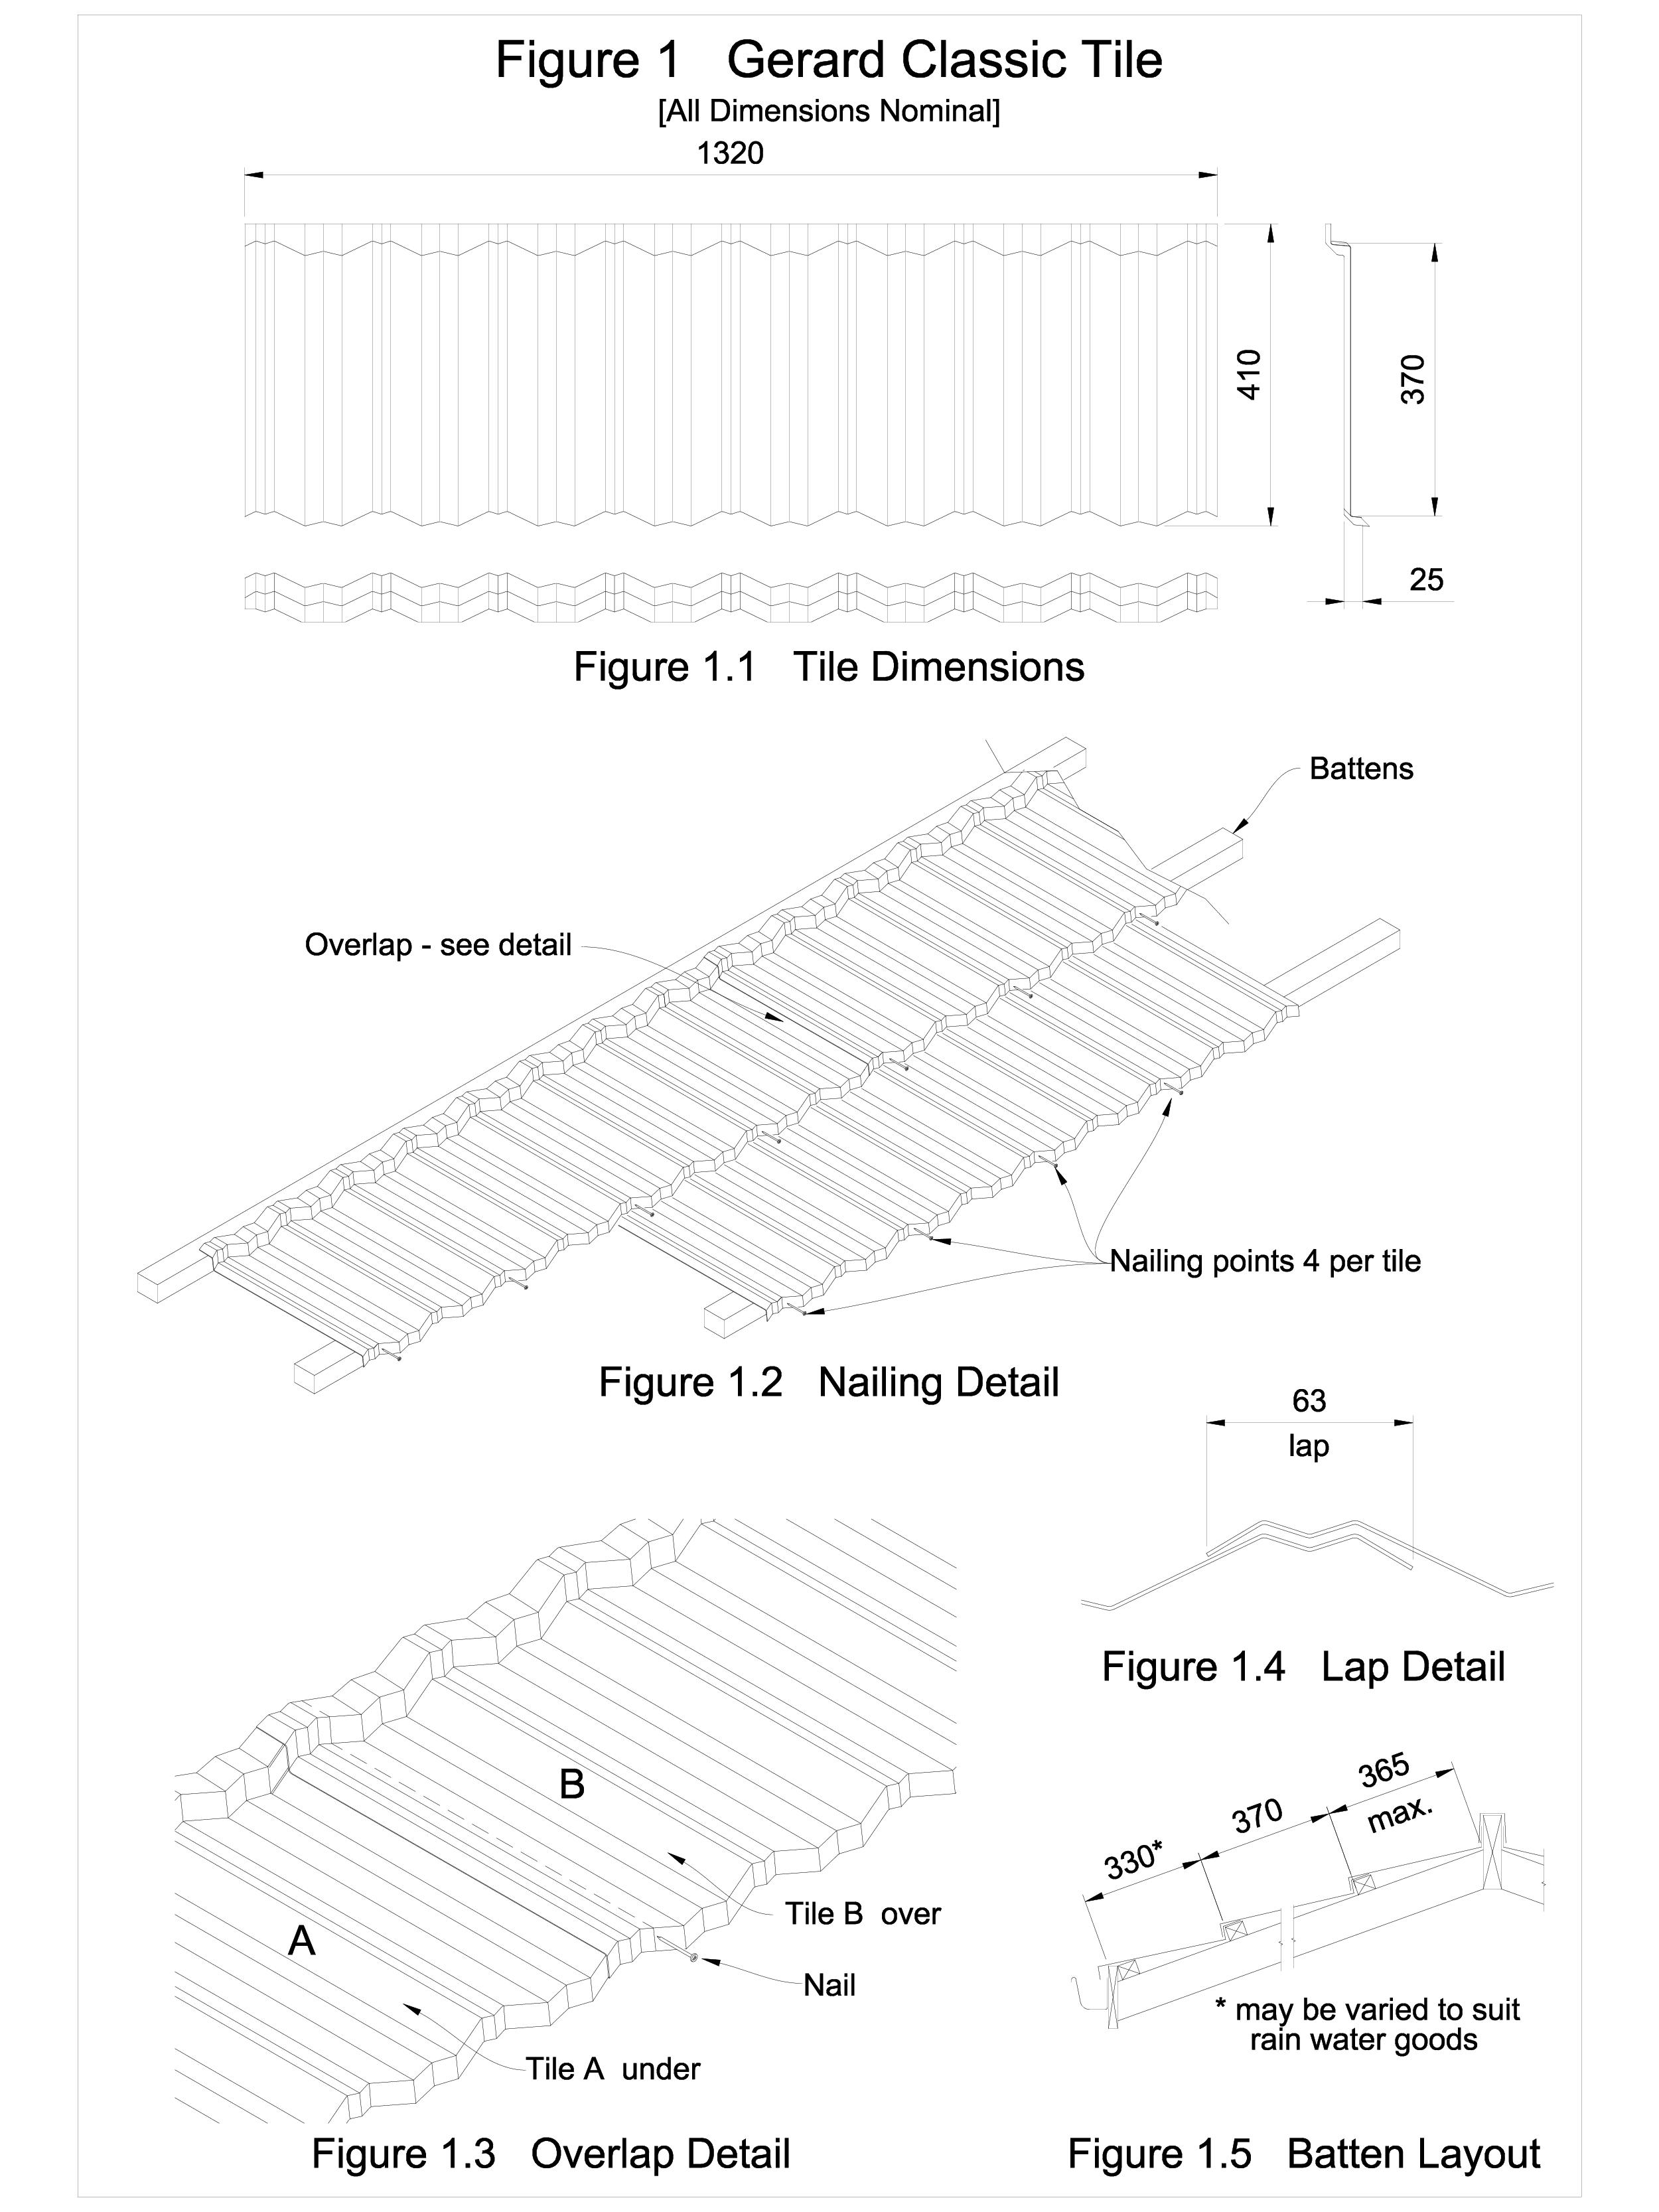 Detaliu de imbinare in camp, invelitori din tabla tip tigla CLASSIC GERARD Acoperis cu tigla metalica cu acoperire de piatra naturala FINAL DISTRIBUTION  - Pagina 1